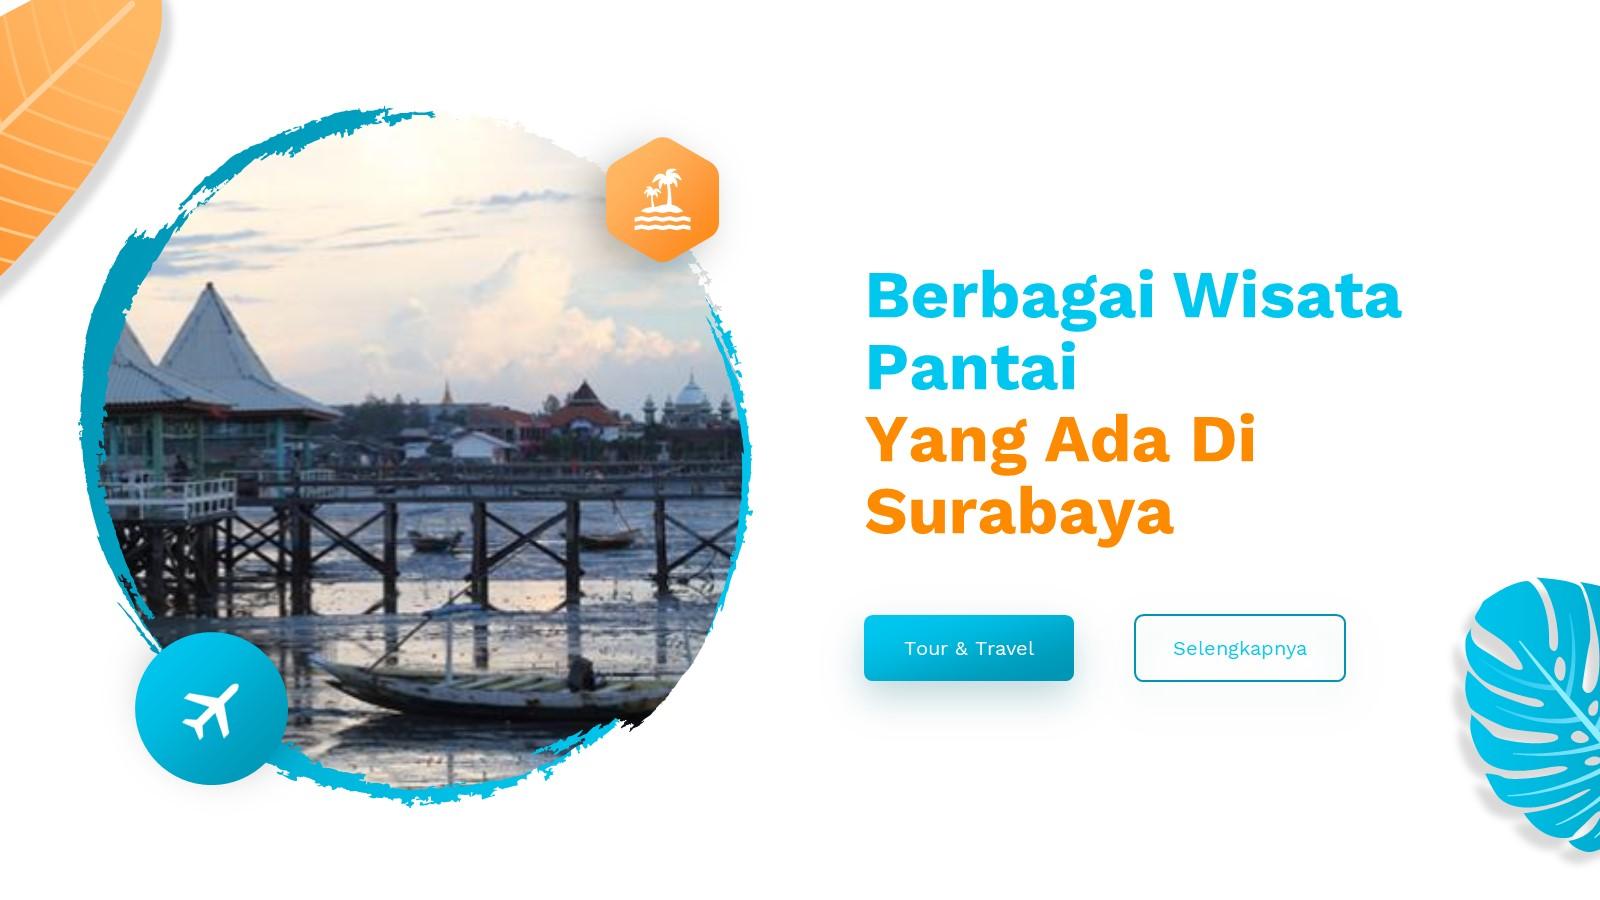 Berbagai Wisata Pantai Yang Ada Di Surabaya